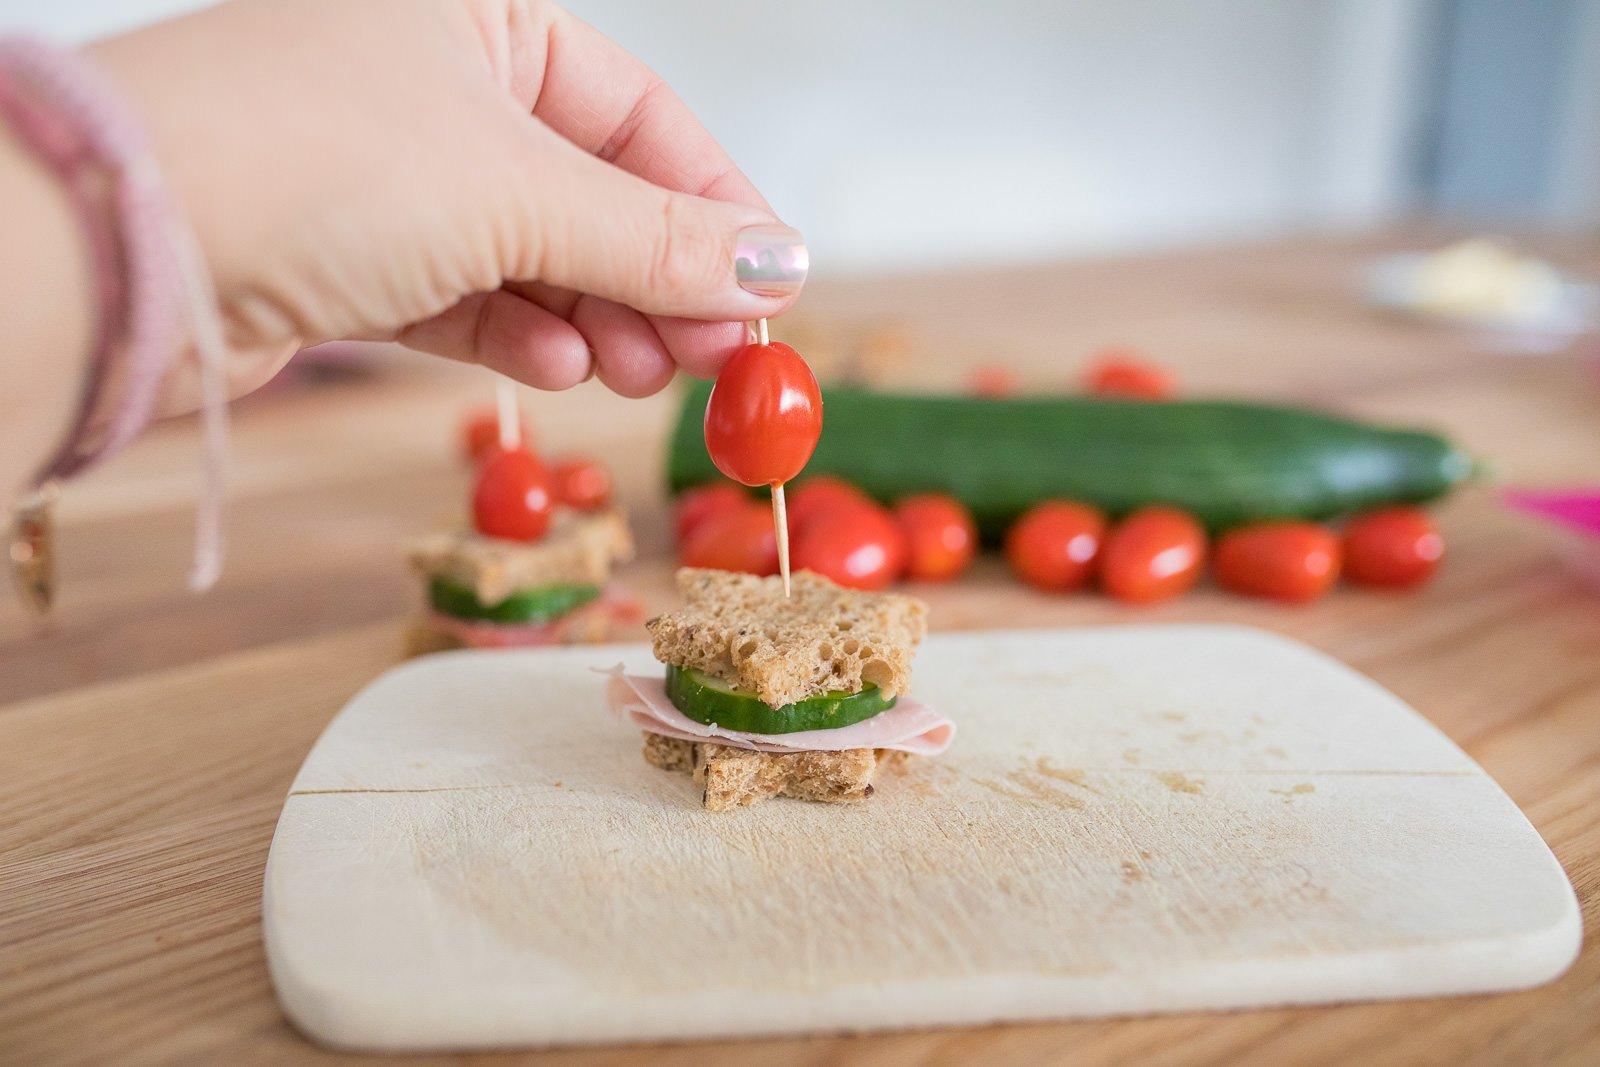 pausen Snack für kinder